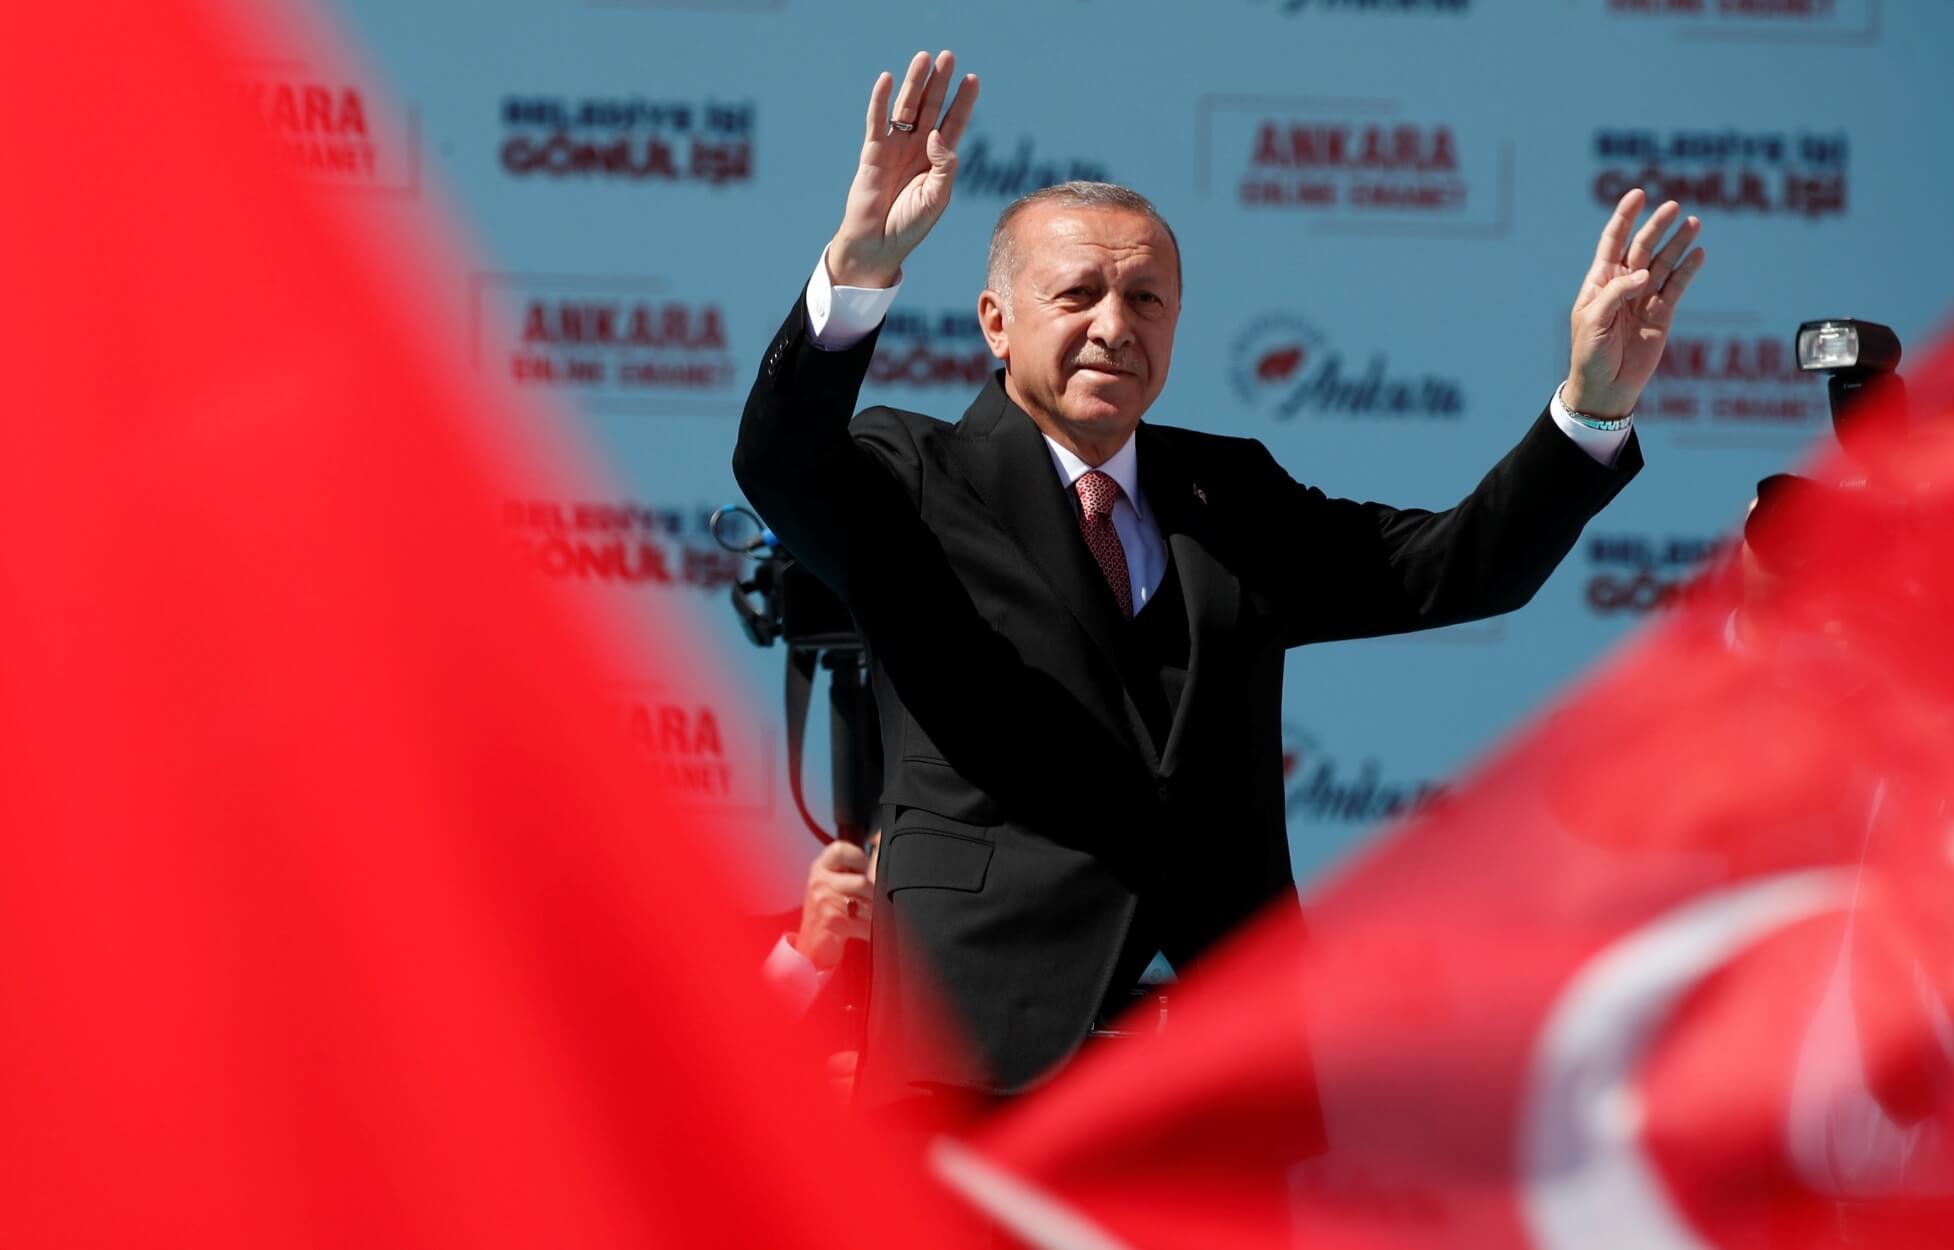 Τουρκία: Εκλογές αύριο με την οικονομία στο επίκεντρο – Απειλεί θεούς και δαίμονες ο Ερντογάν. 1